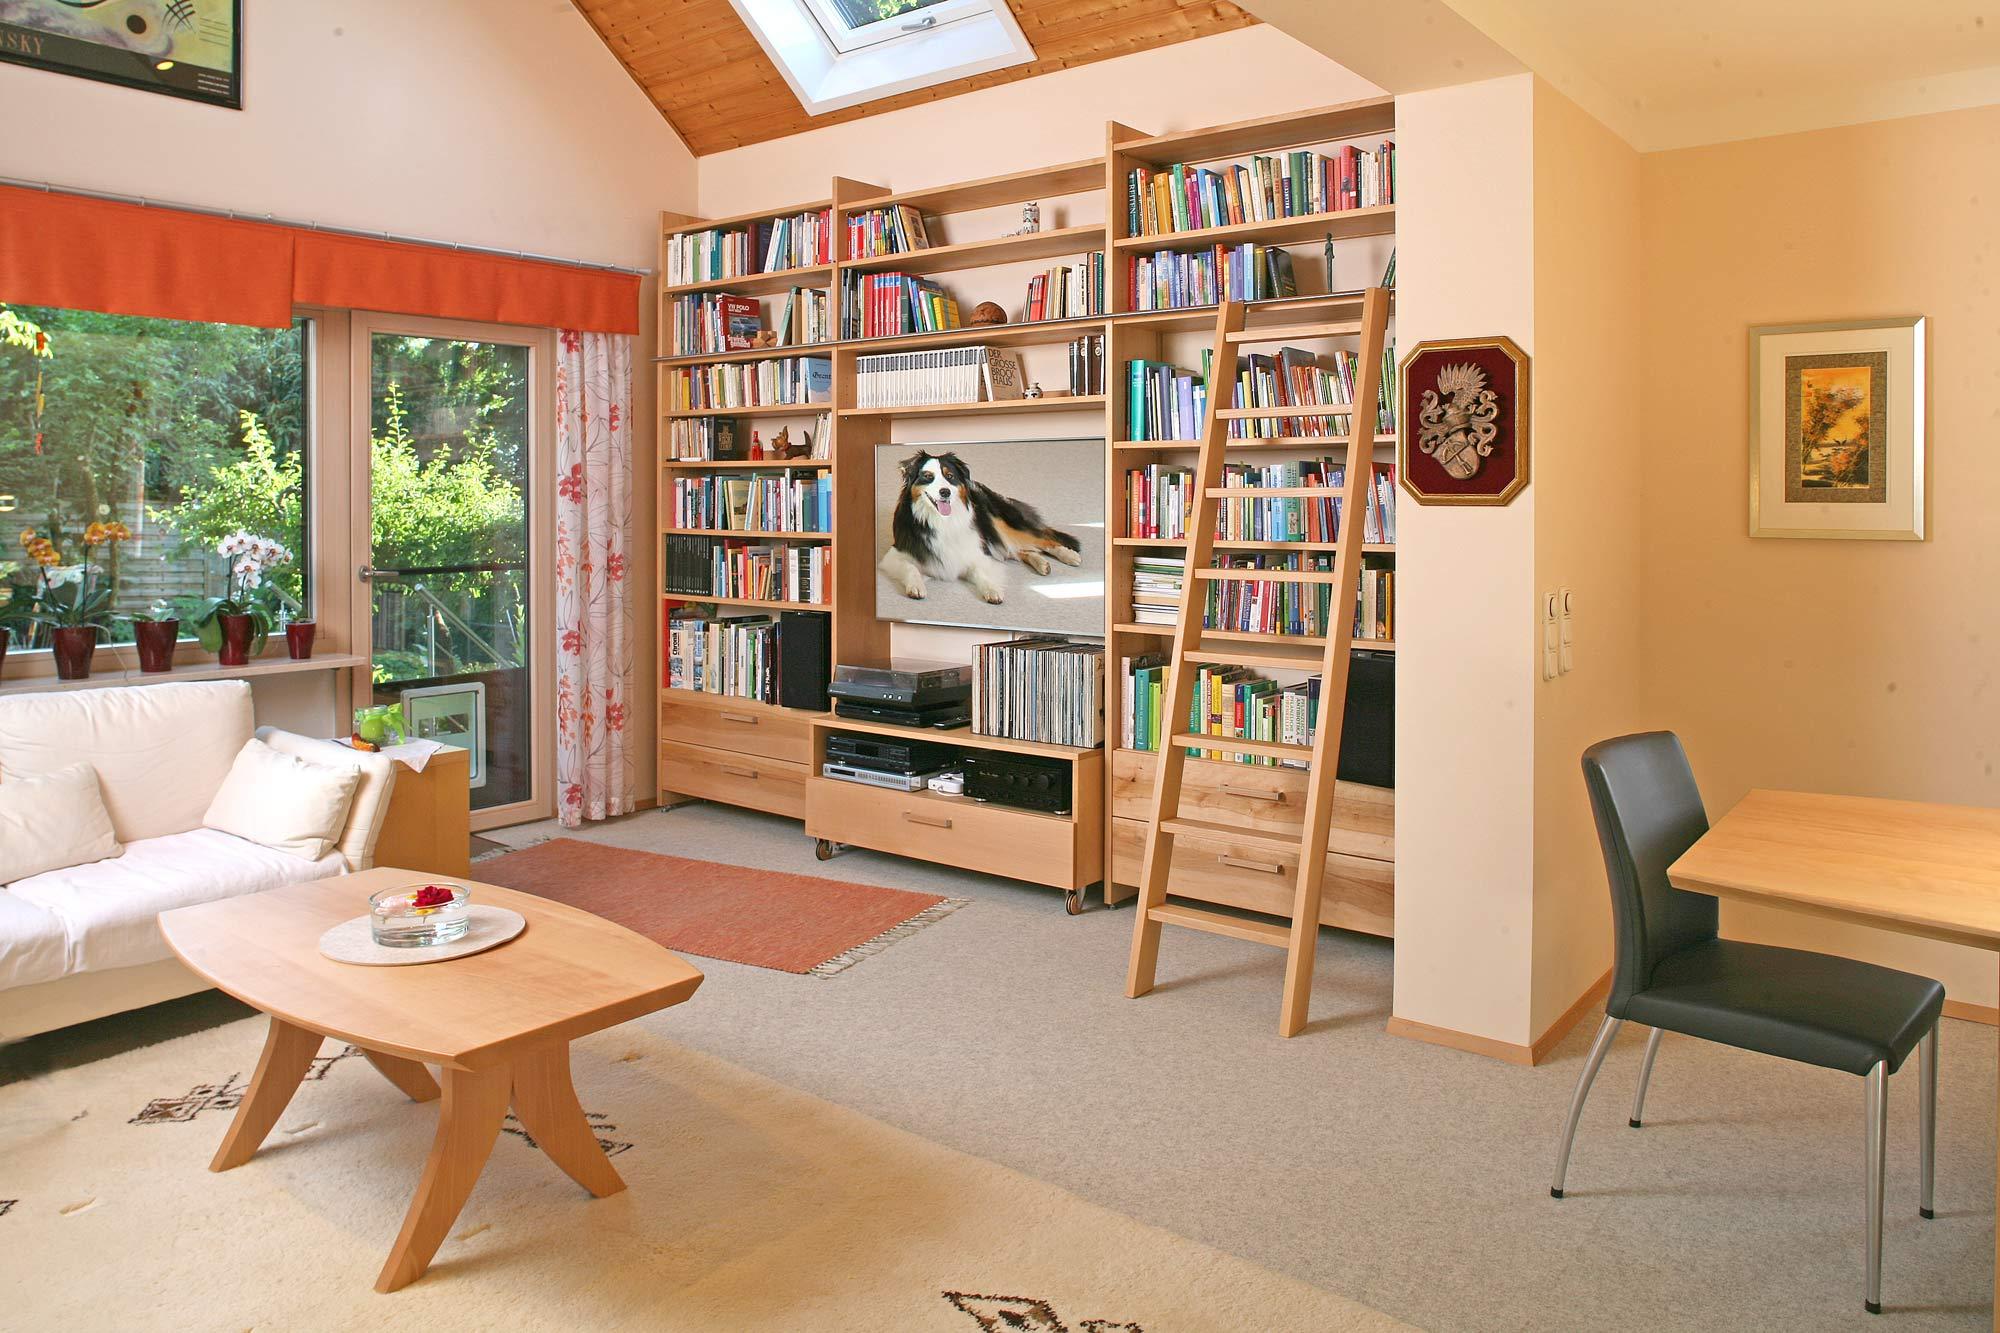 Massivholzmobel Im Wohnzimmer Bis 2020 Die Mobelmacher